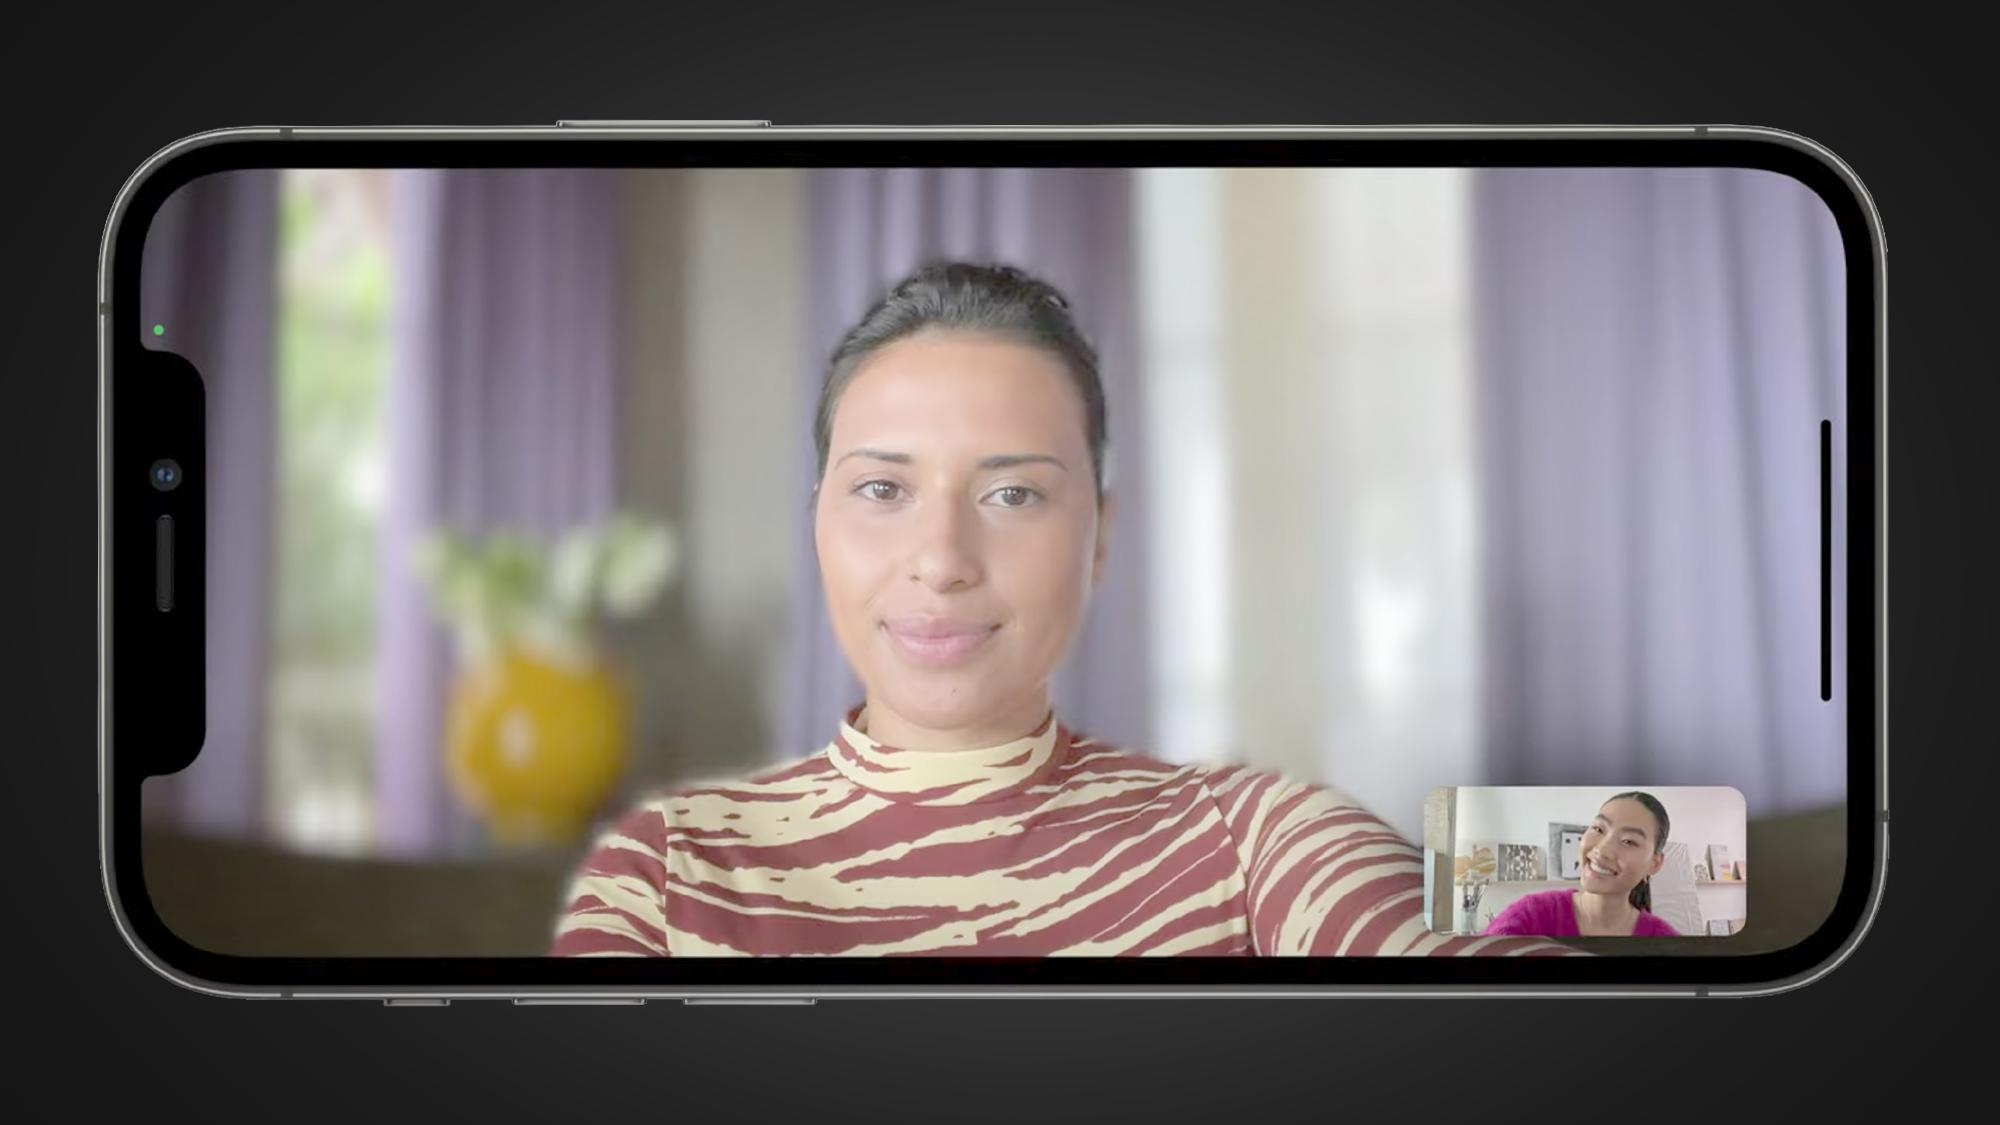 An iPhone running a Facetime video call